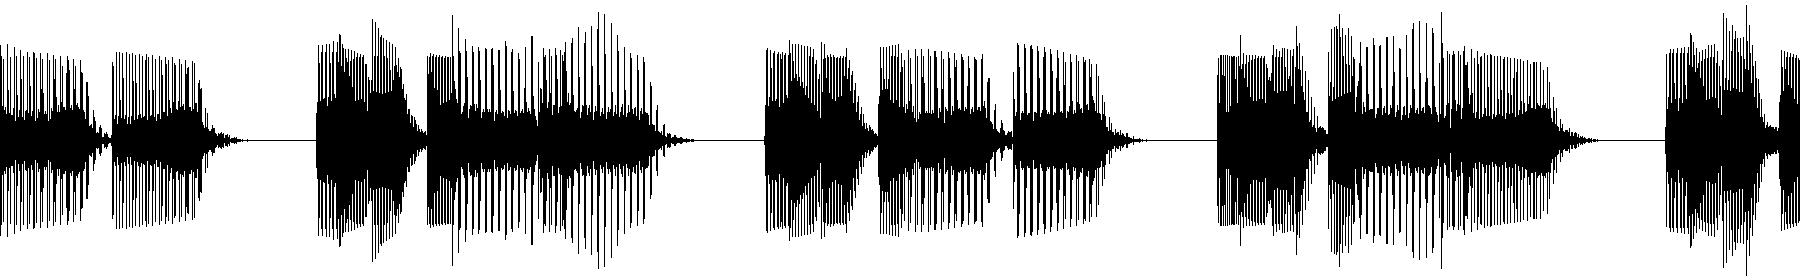 oumbass bassloop 127